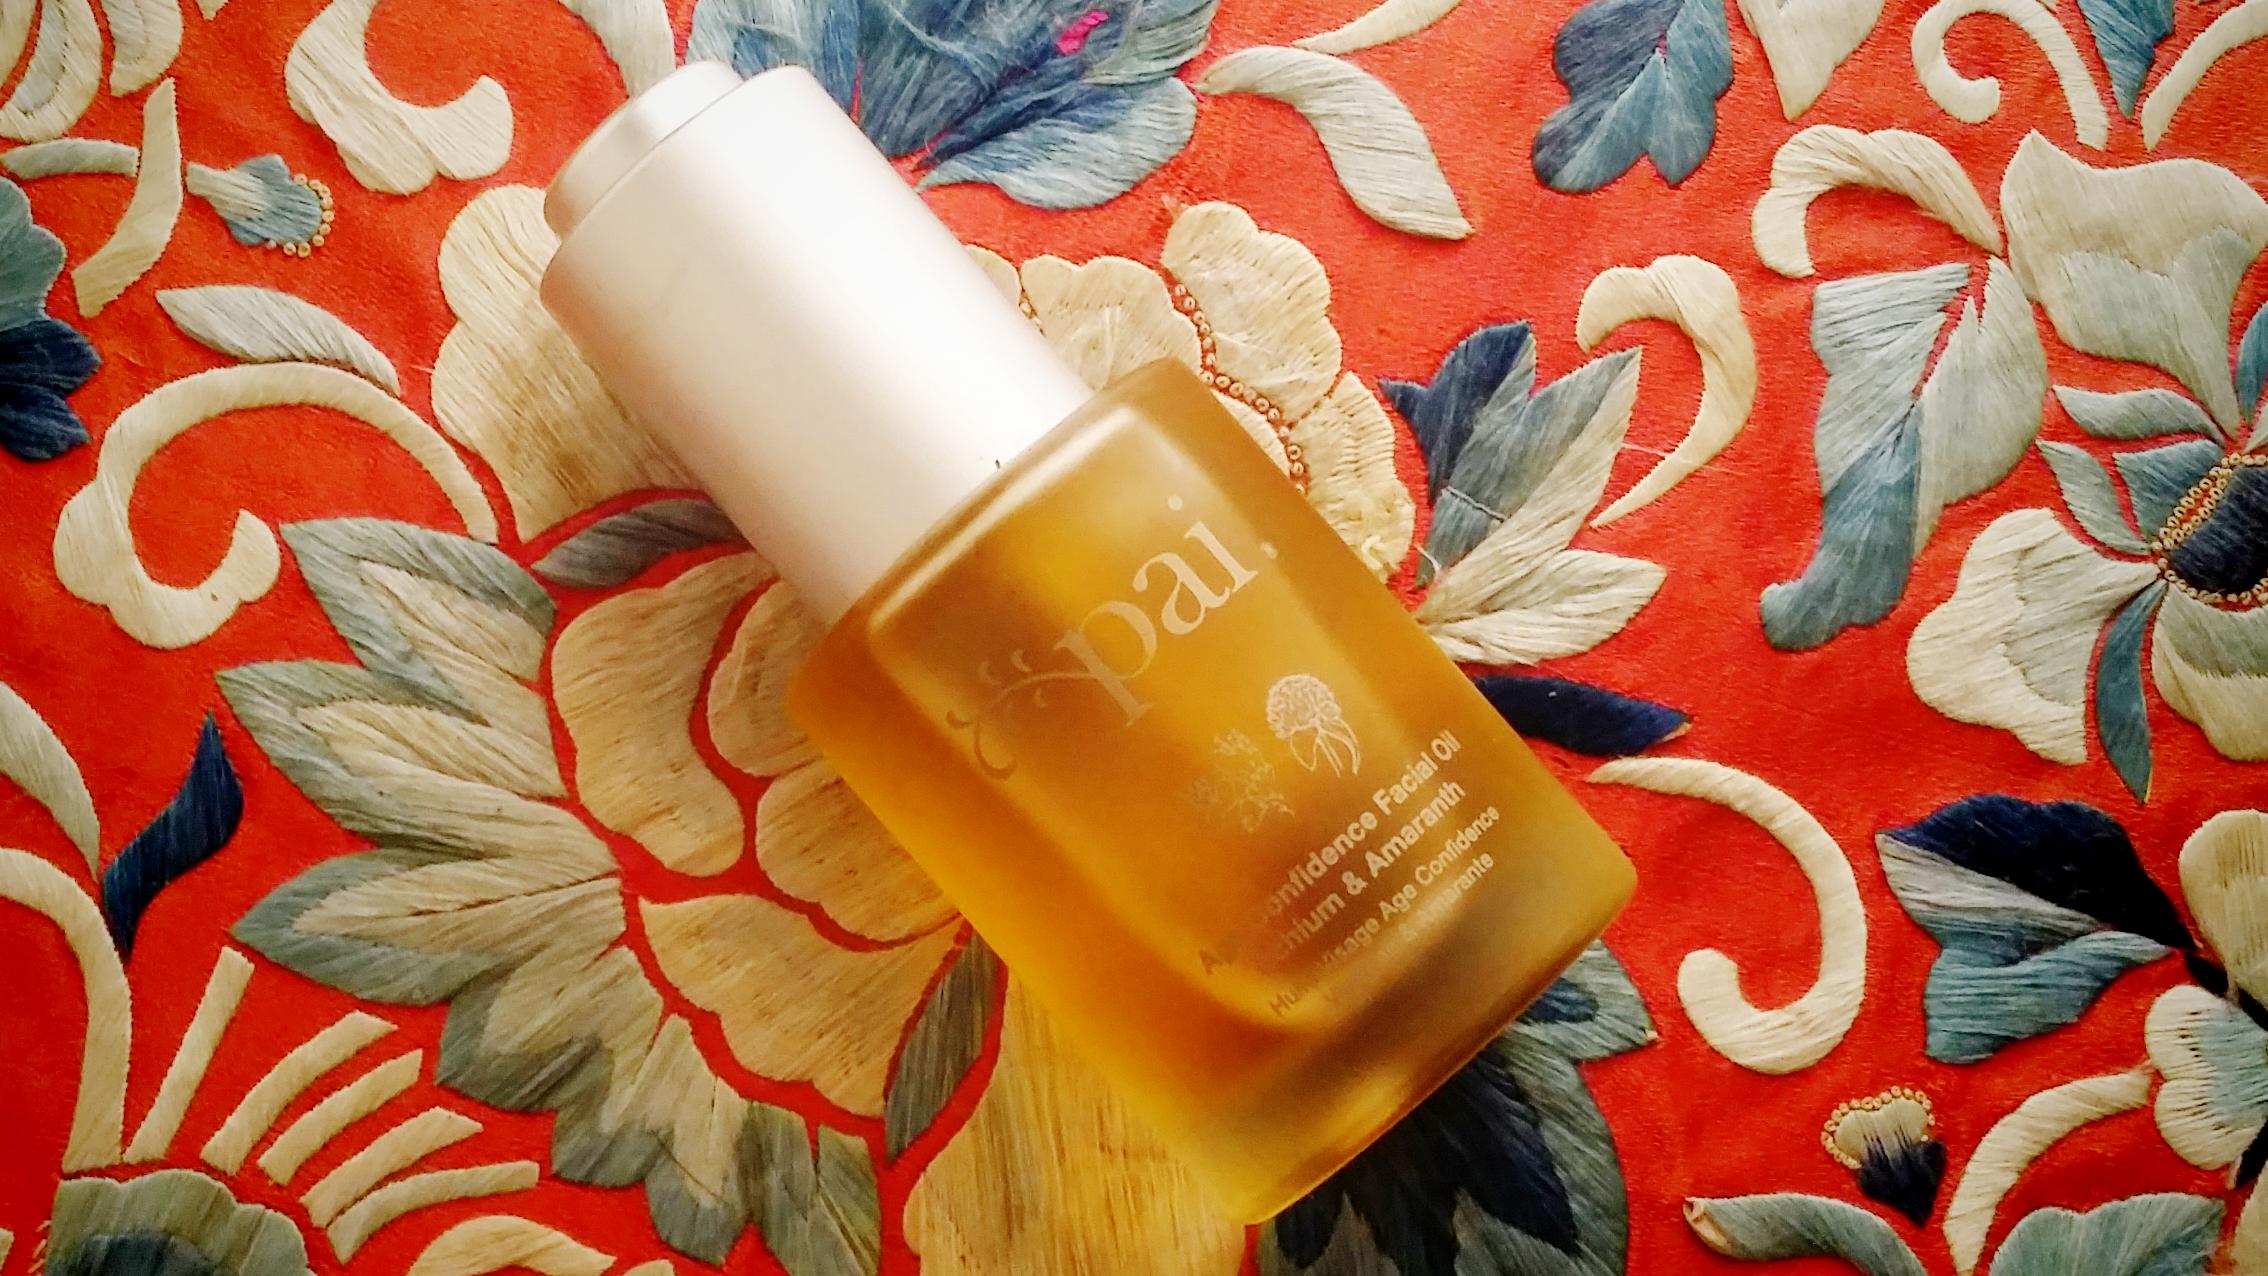 Pai-Skincare-Age-Confidence-Facial-Oil-Echium-&-Amaranth